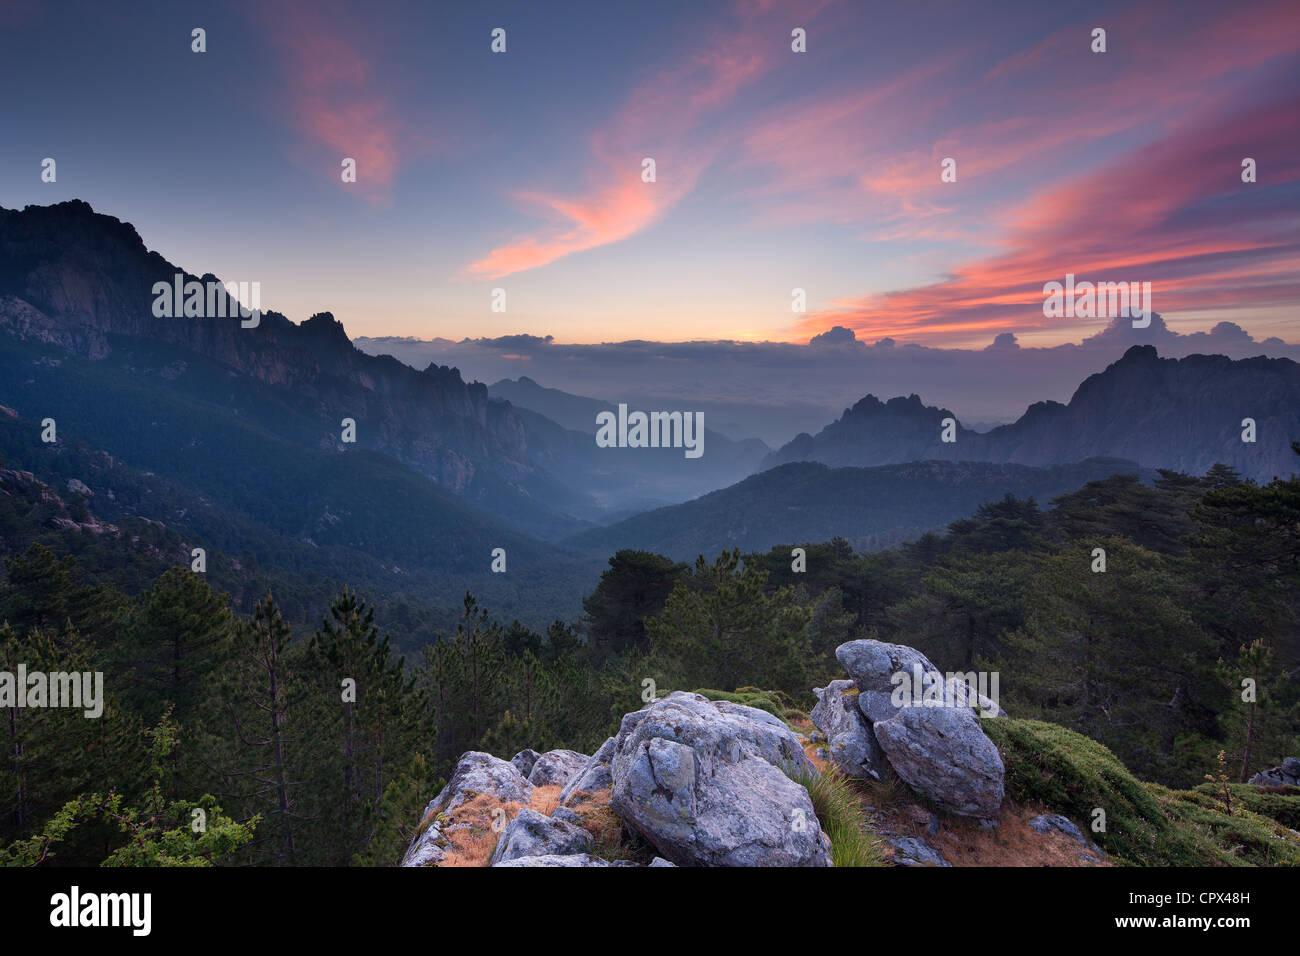 Le Col de Bavella à l'aube, des montagnes de Bavella, Corse, France Photo Stock